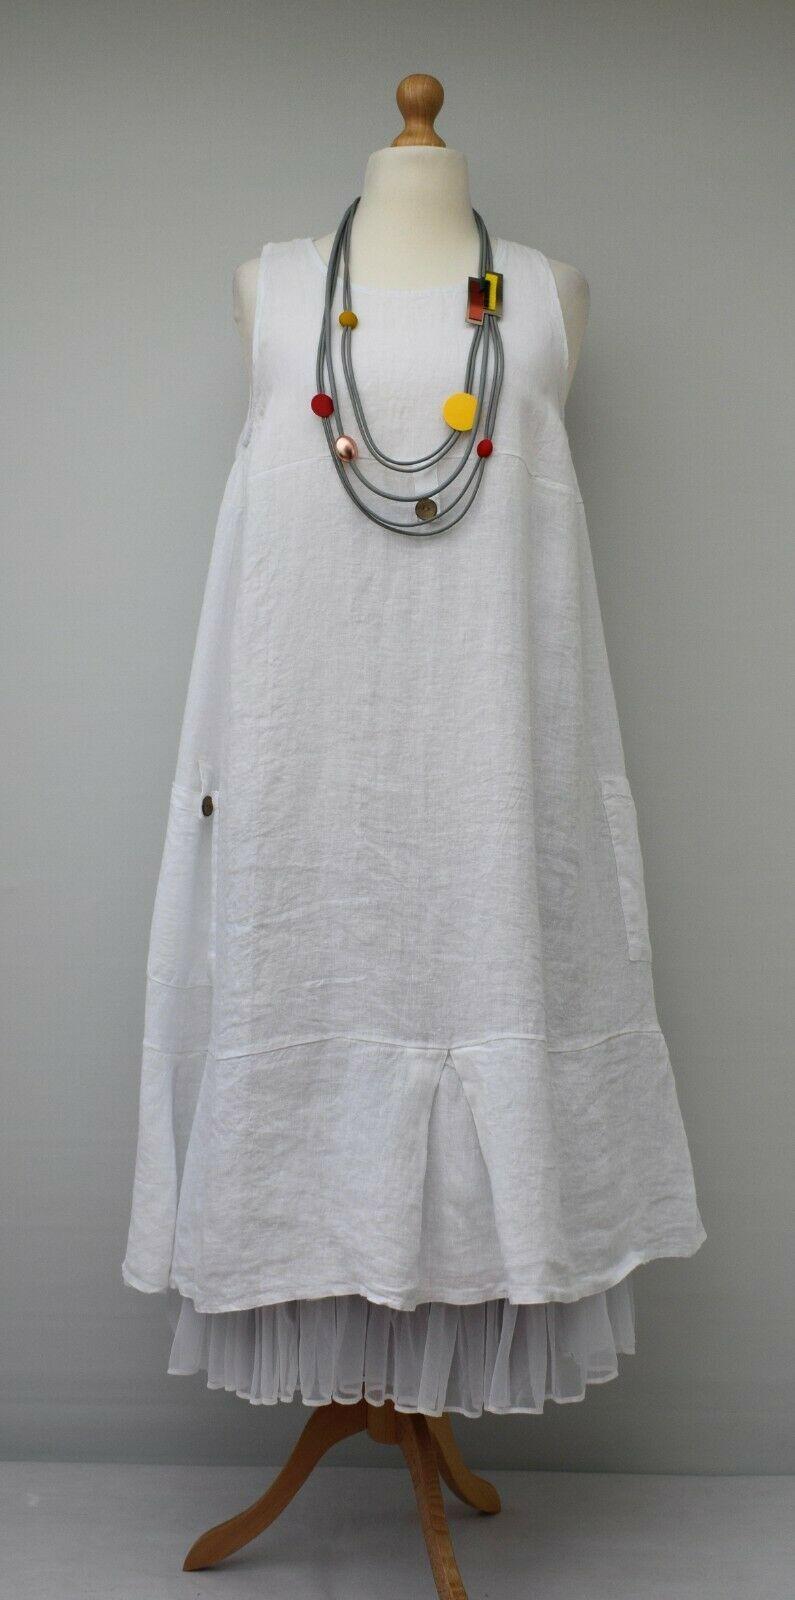 Talla Grande Lino Línea A Liso Vestido Largo Blanco Busto Hasta 52 Cm Xl Xxl Vestidos Largos Ideas Of Vestidos Largos Vestidoslargos Fashion Apron